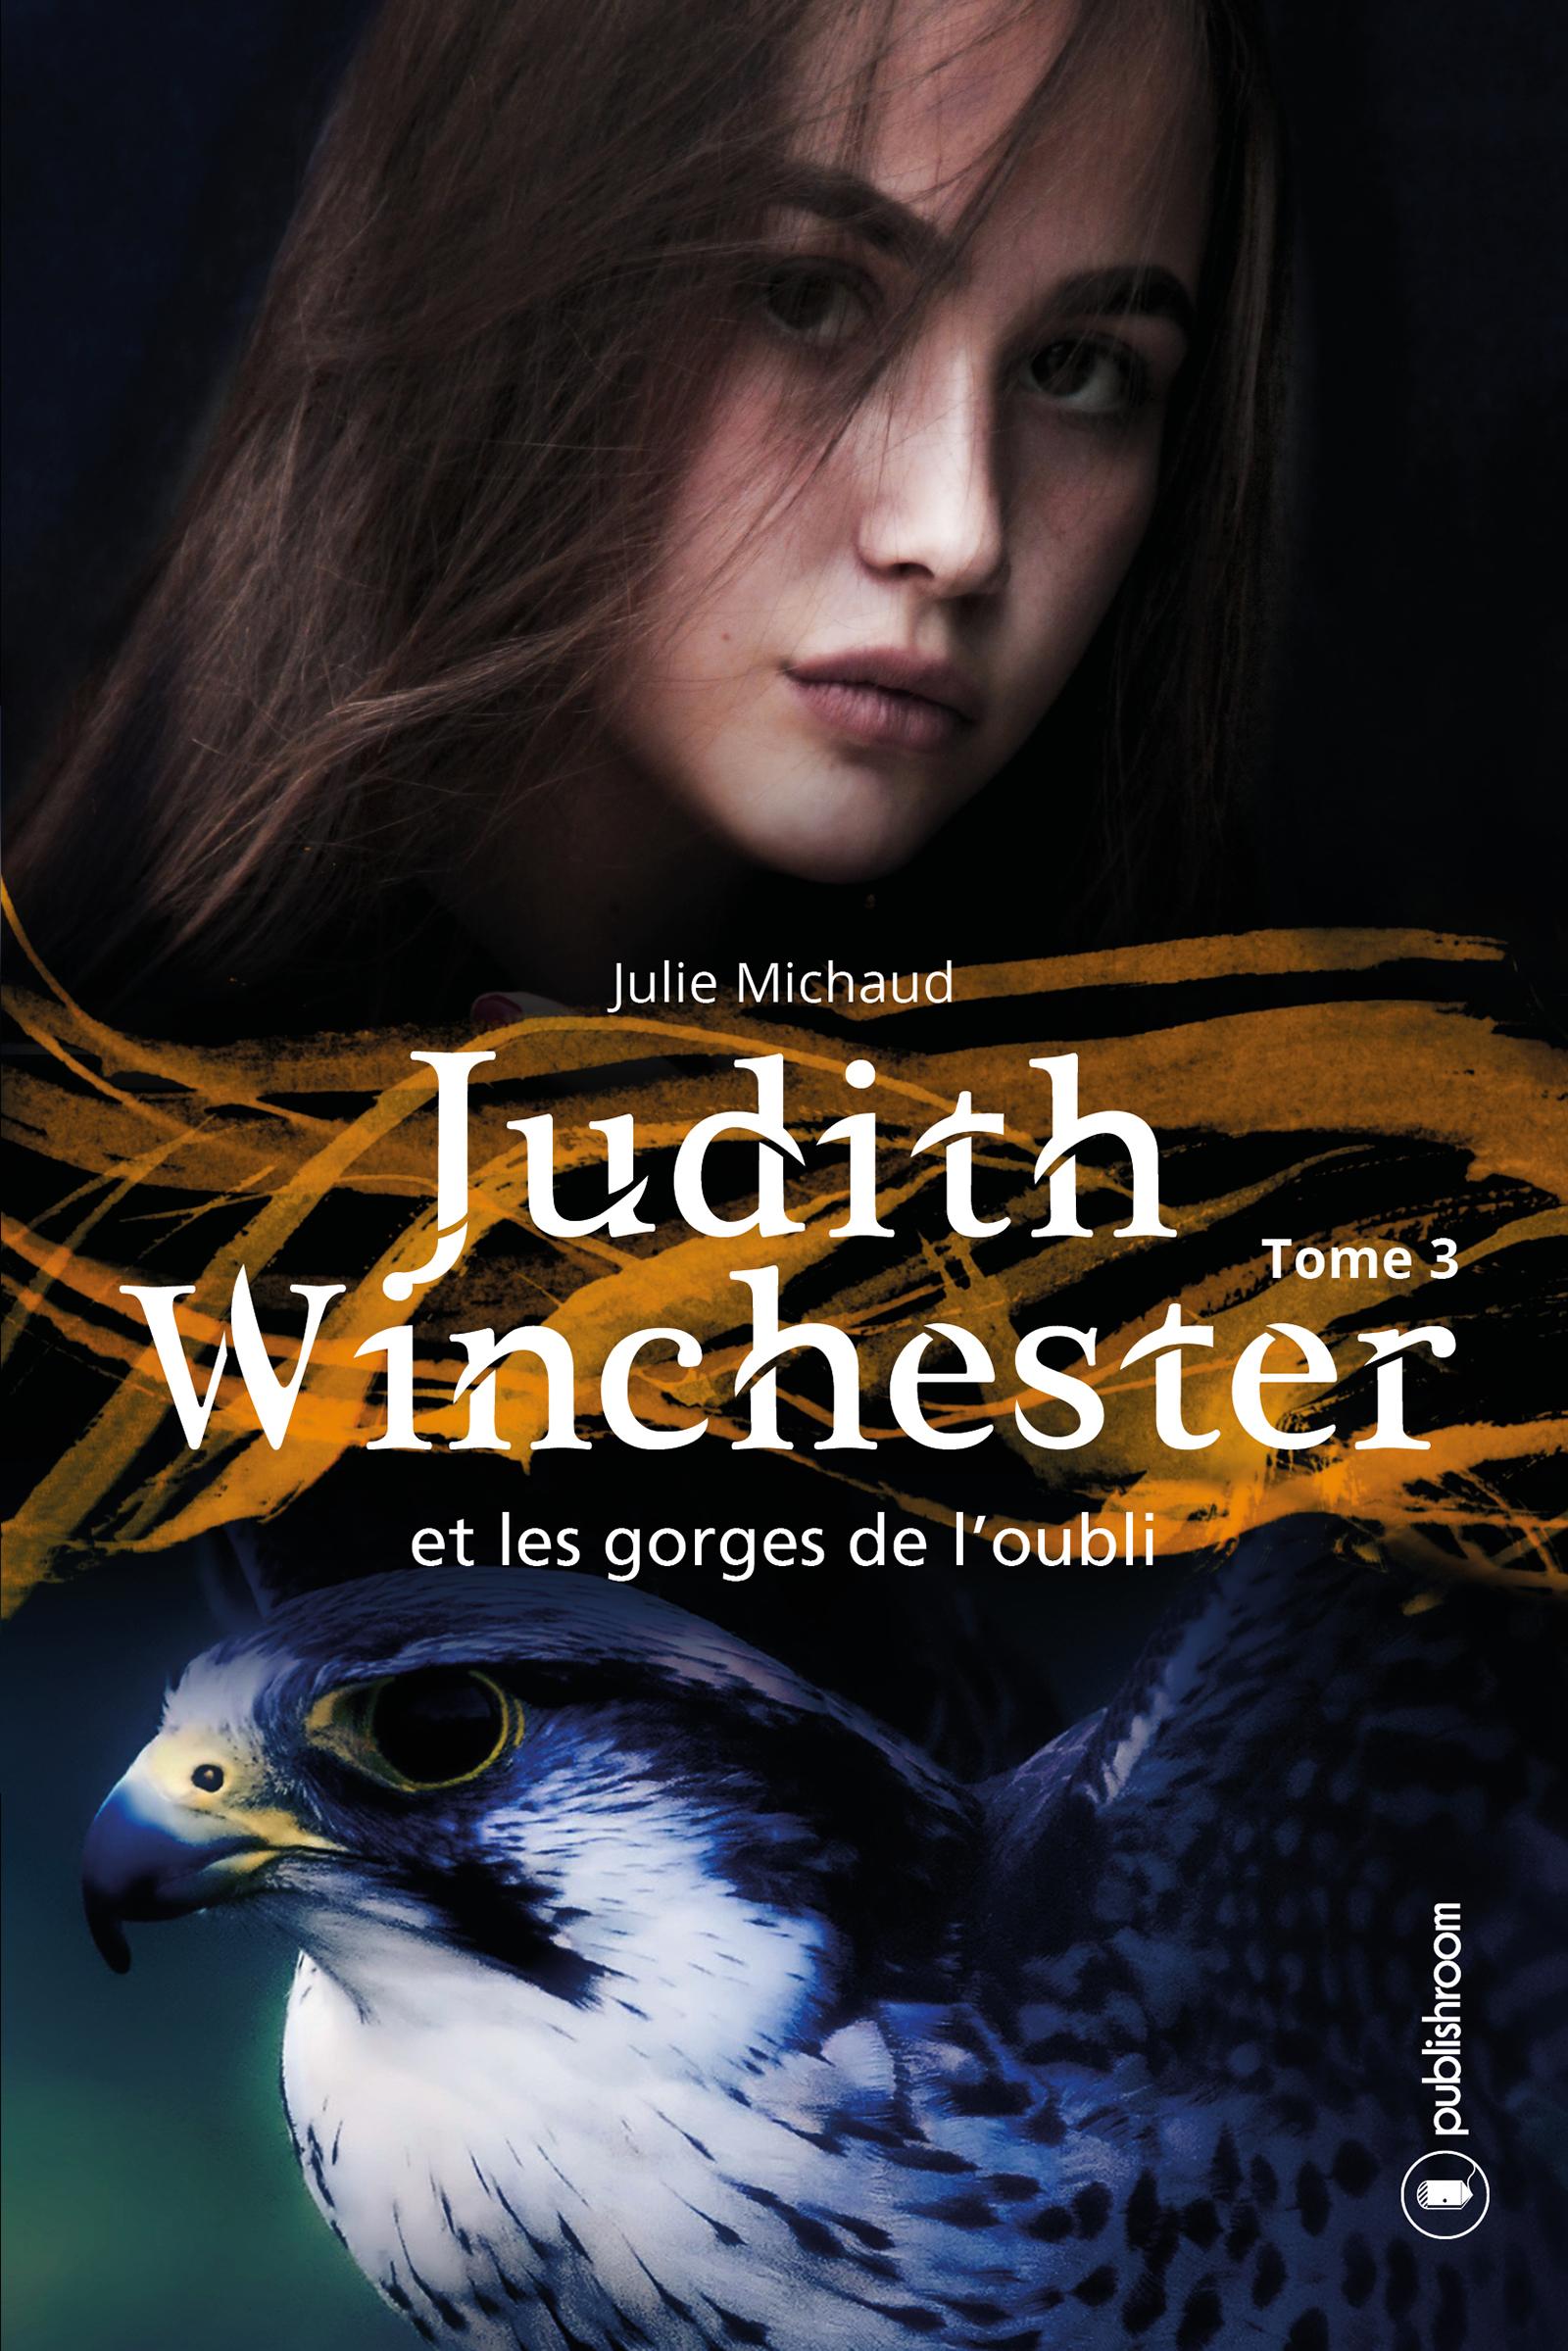 Judith Winchester et les gorges de l'oubli - Tome 3